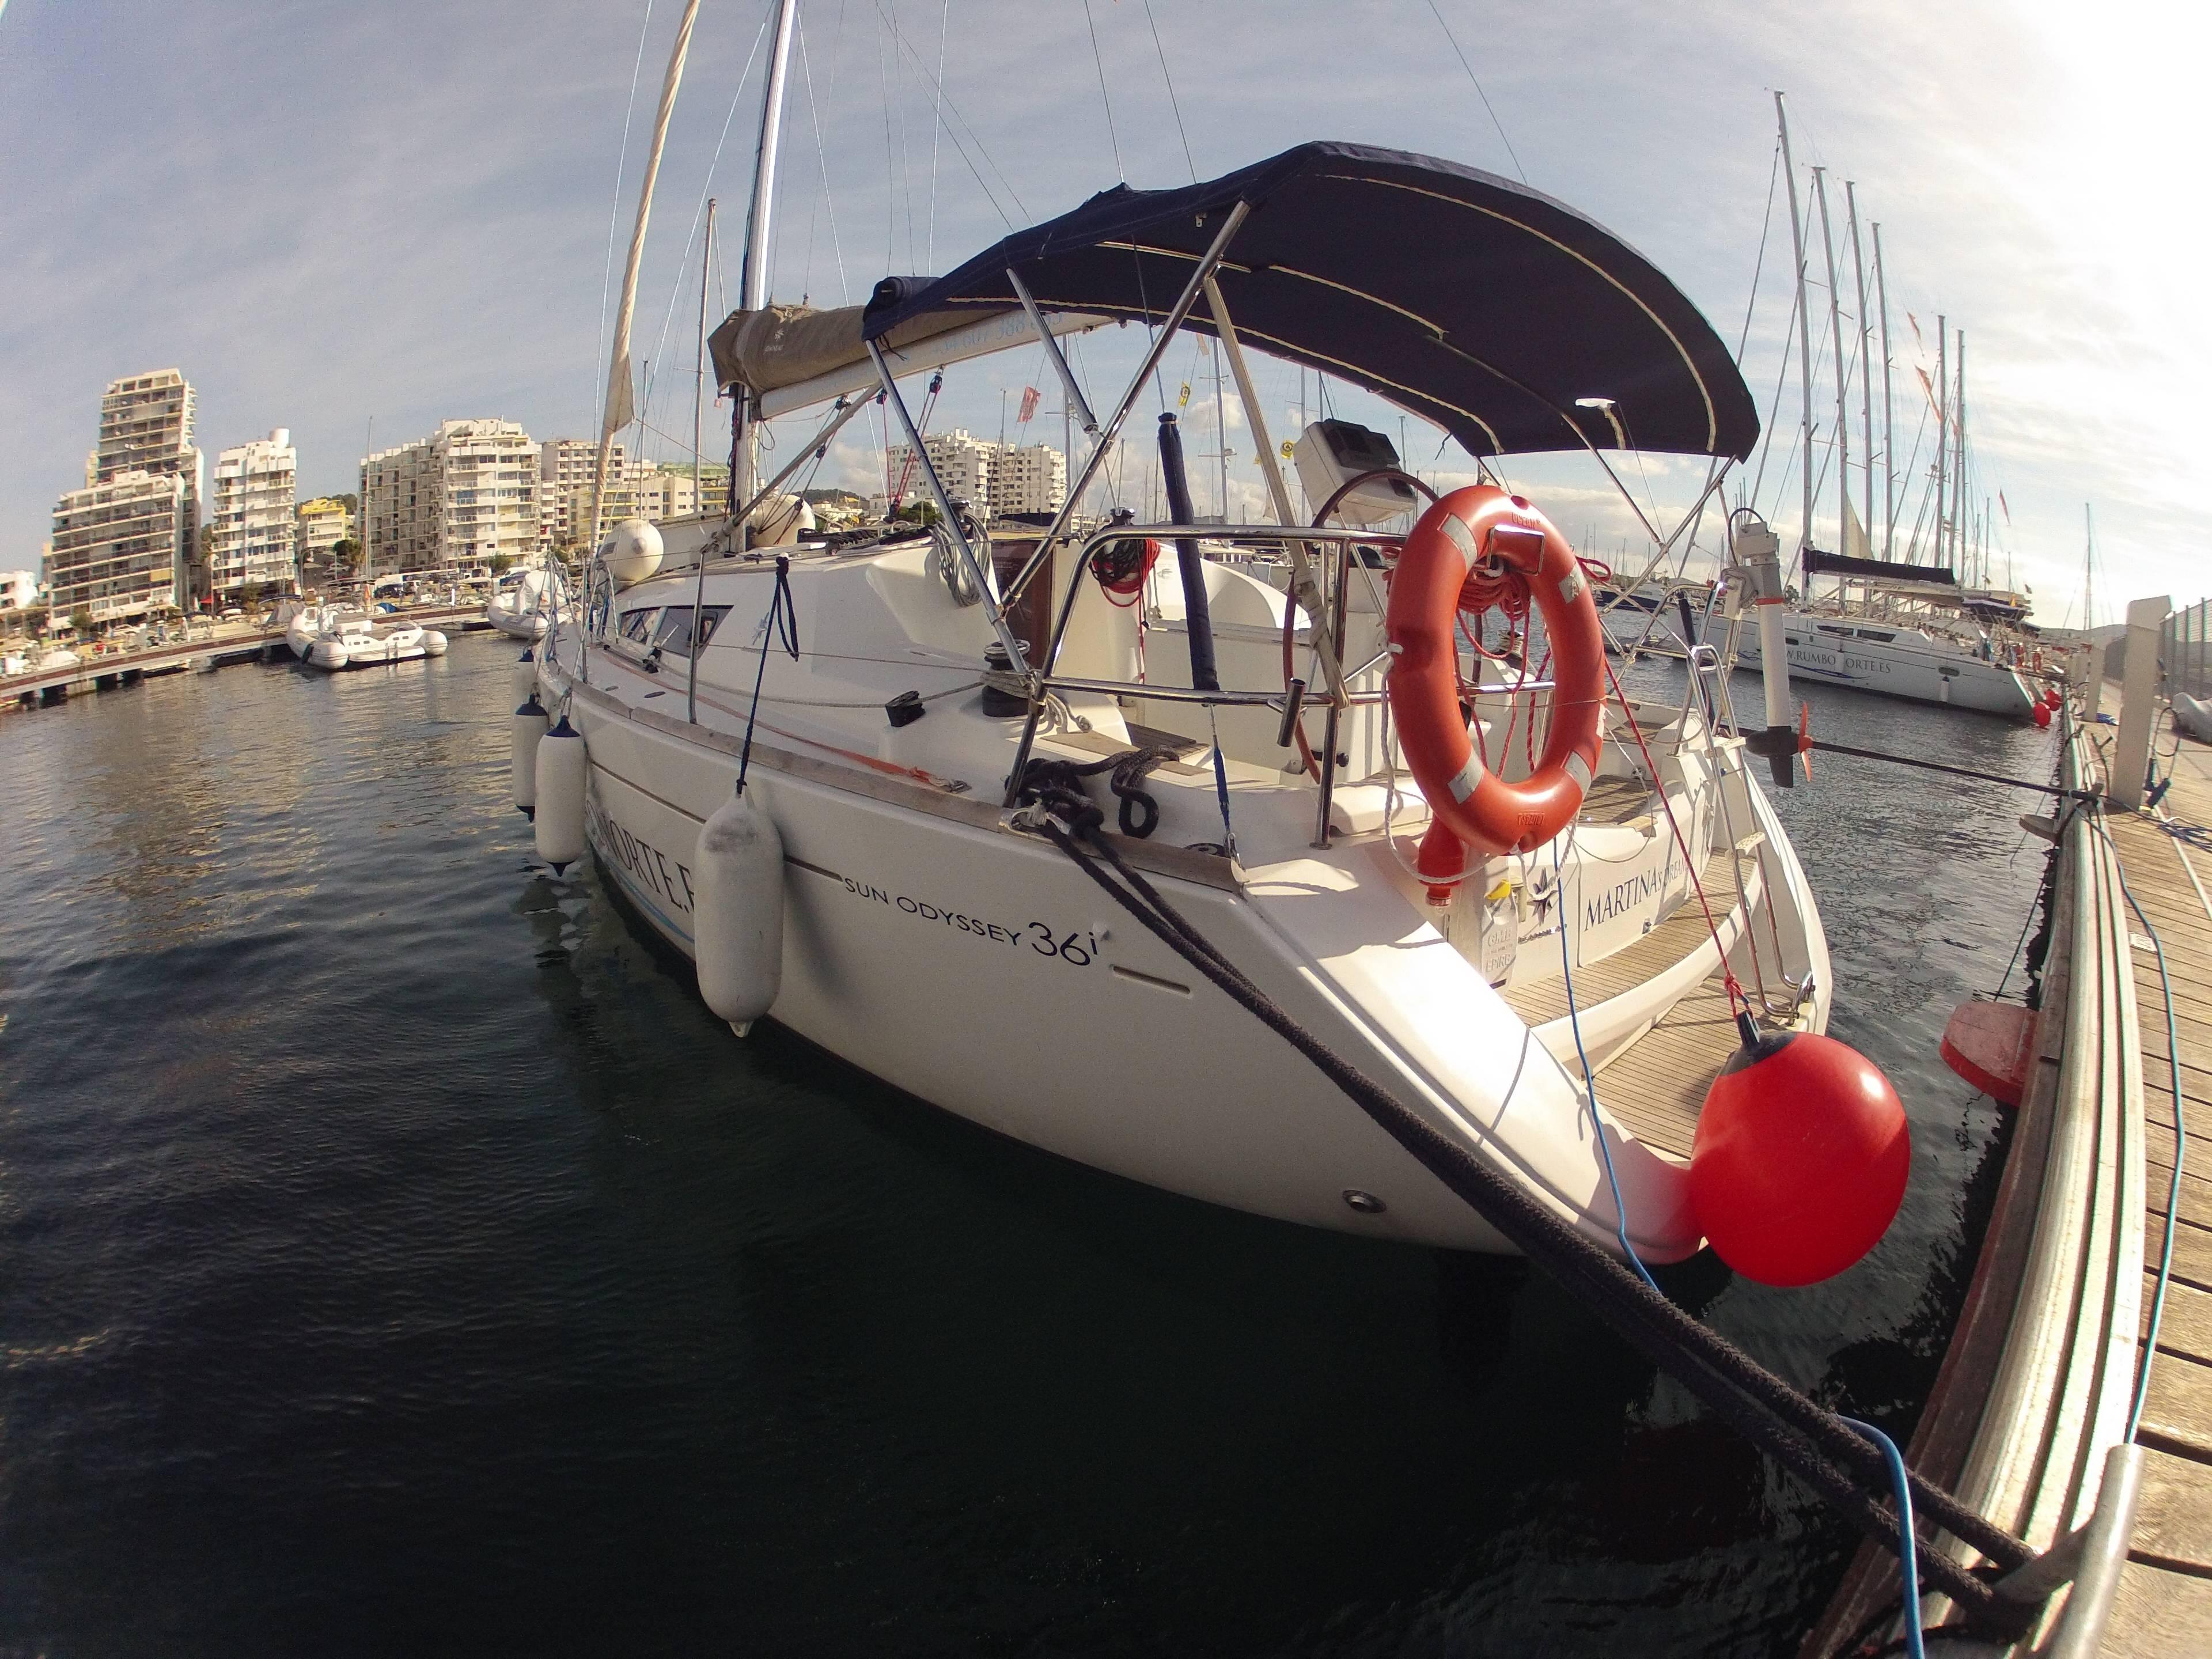 Как взять яхту в аренду в барселоне? | путеводитель по барселоне